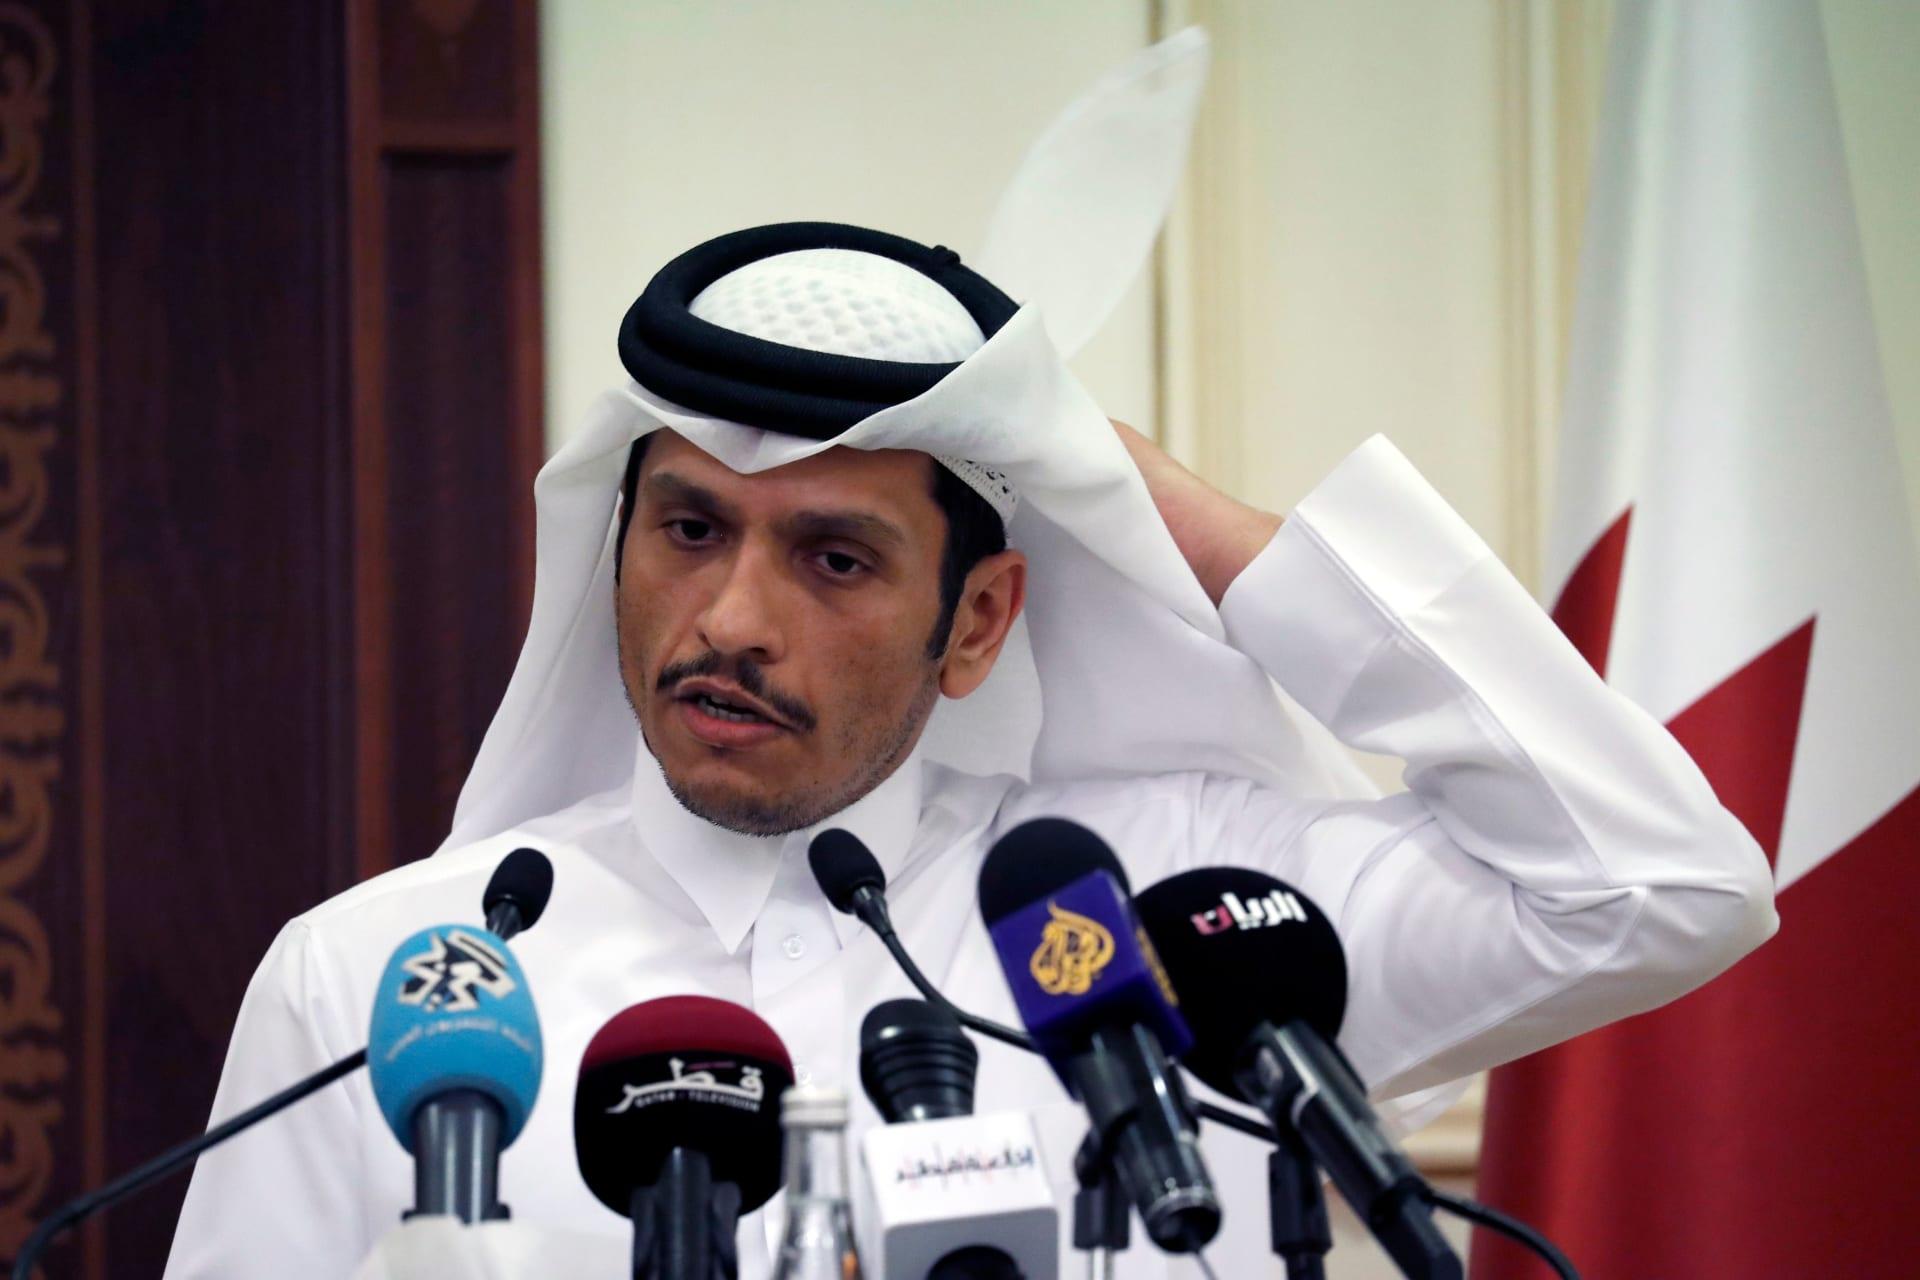 وزير خارجية قطر: المنطقة فيها حالة استبداد هي بين أسباب التطرف